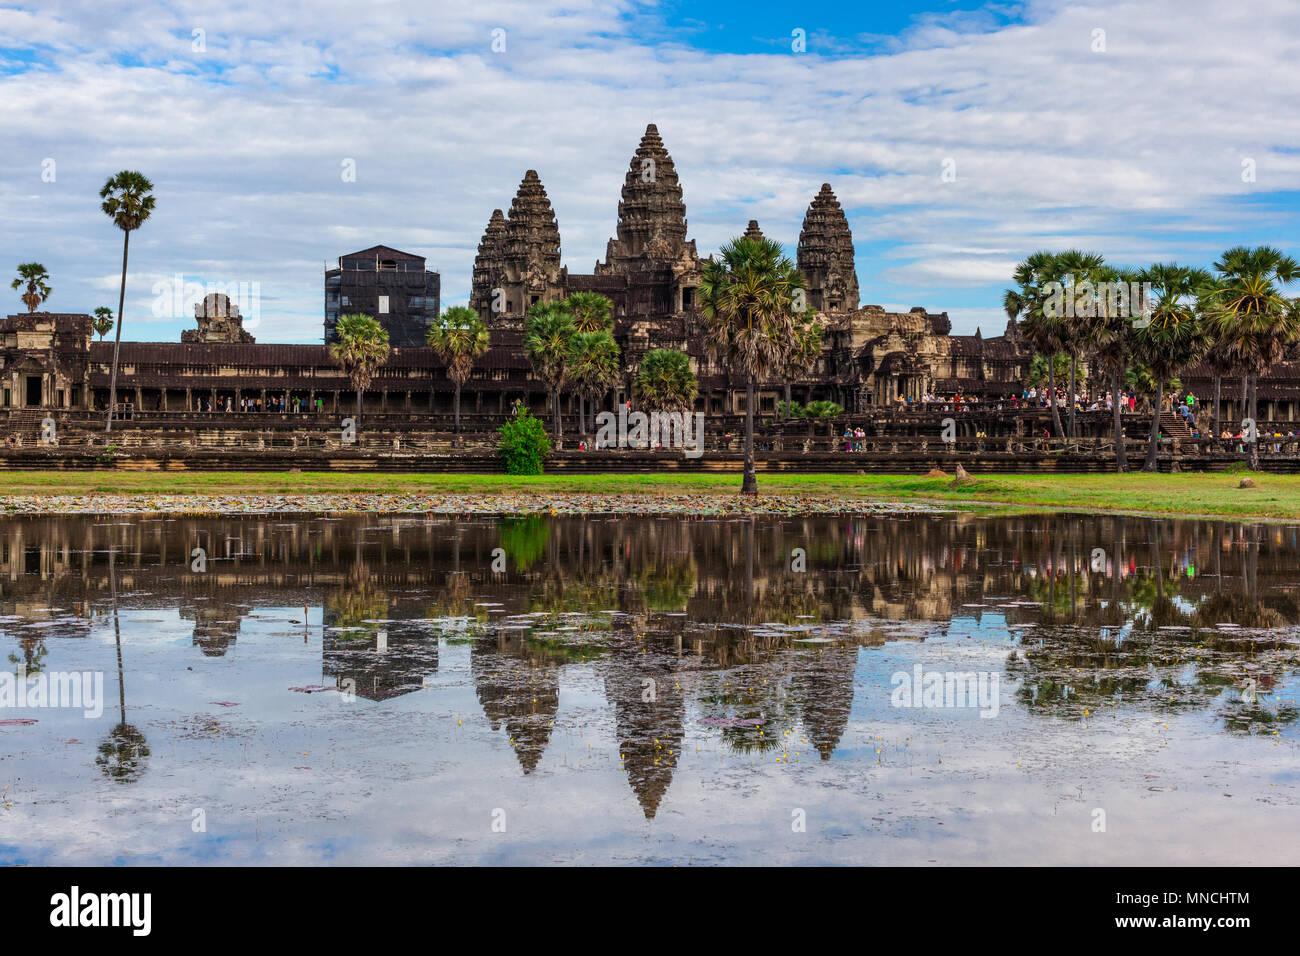 Tempel von Angkor Wat, Kambodscha Stockfoto